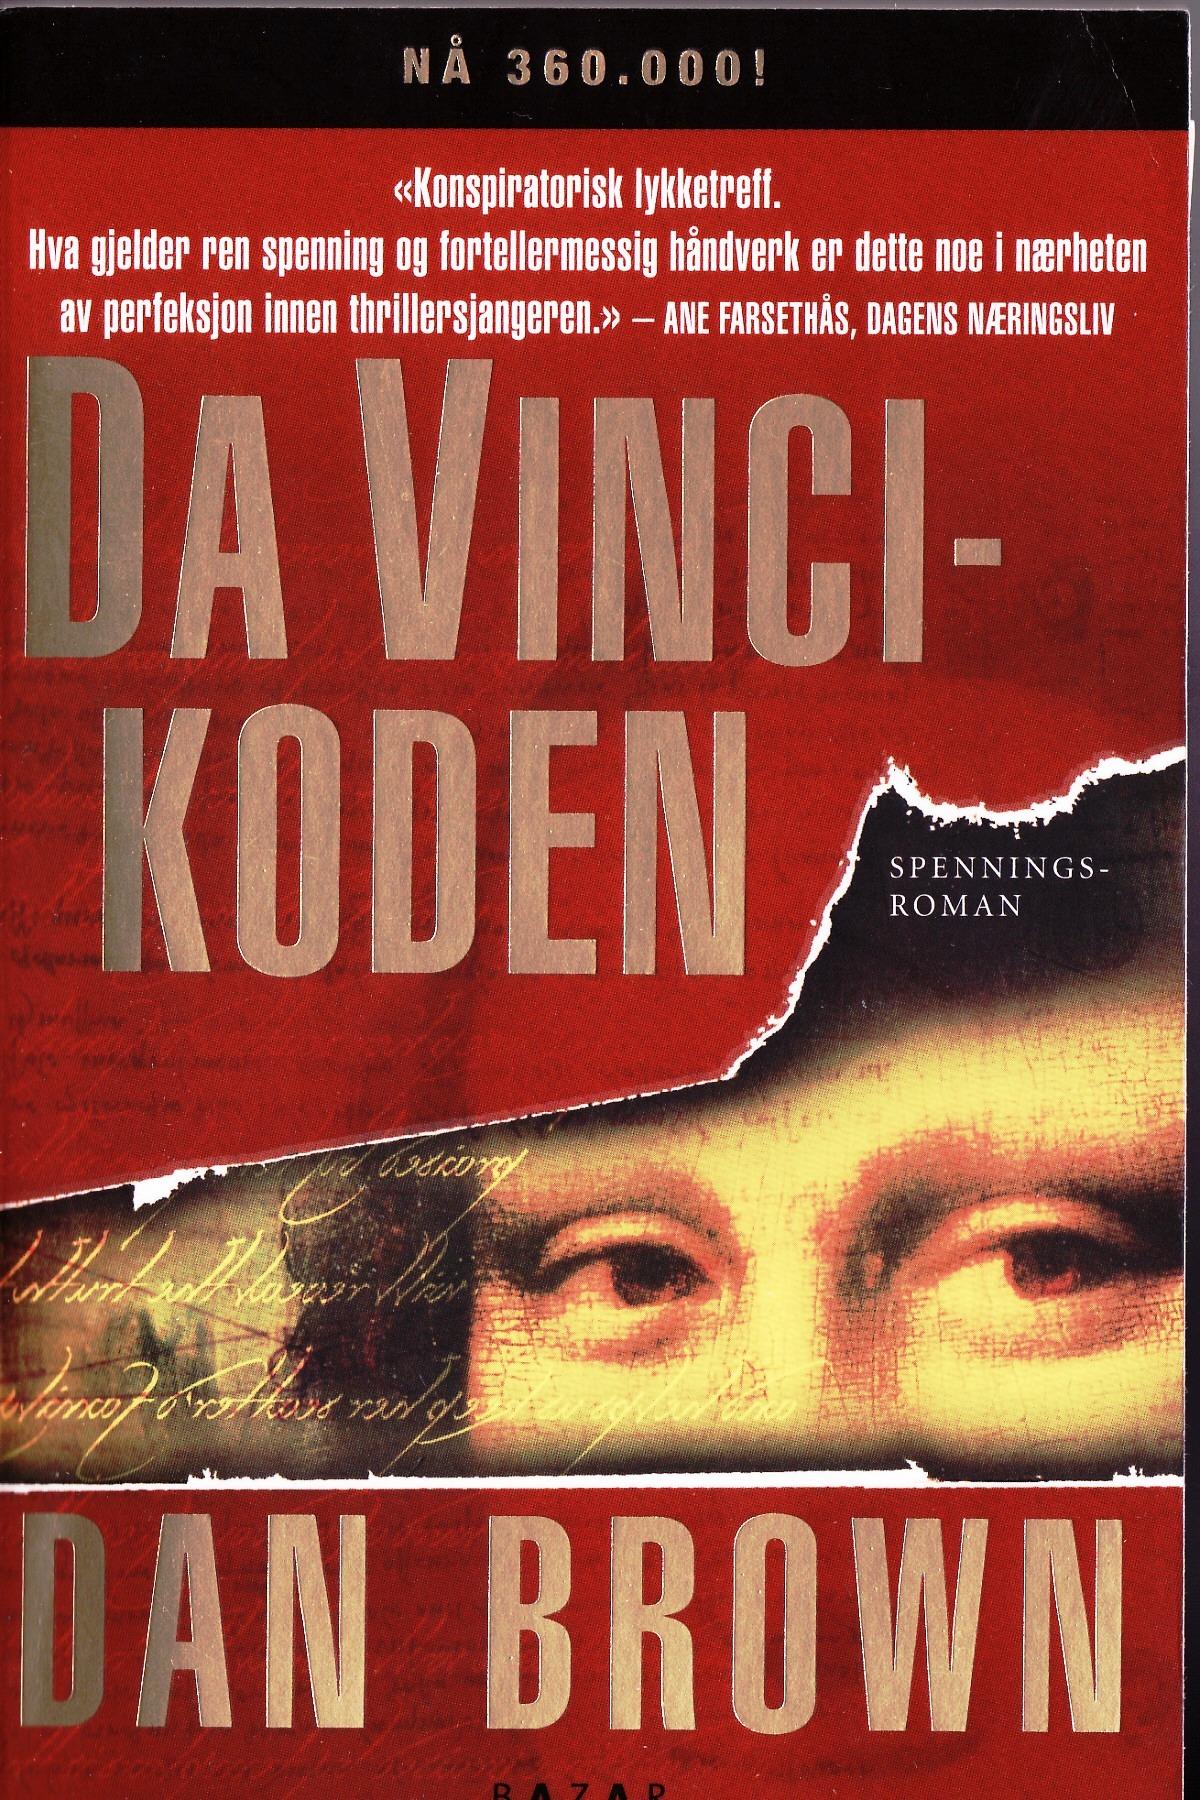 Image of Da Vinci-koden